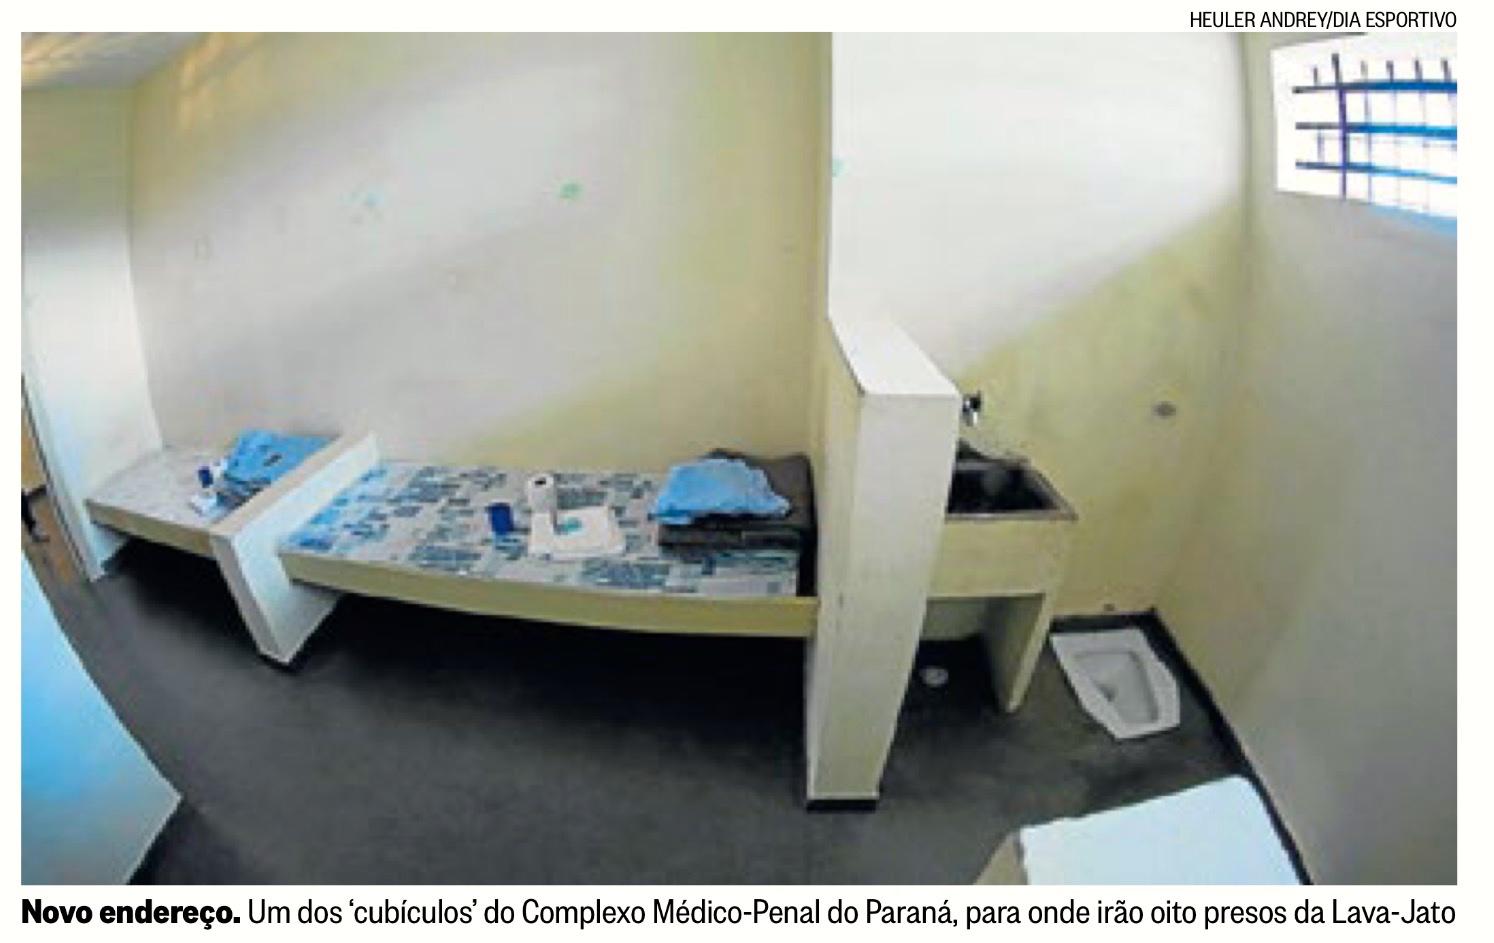 Penitenciaria-PR